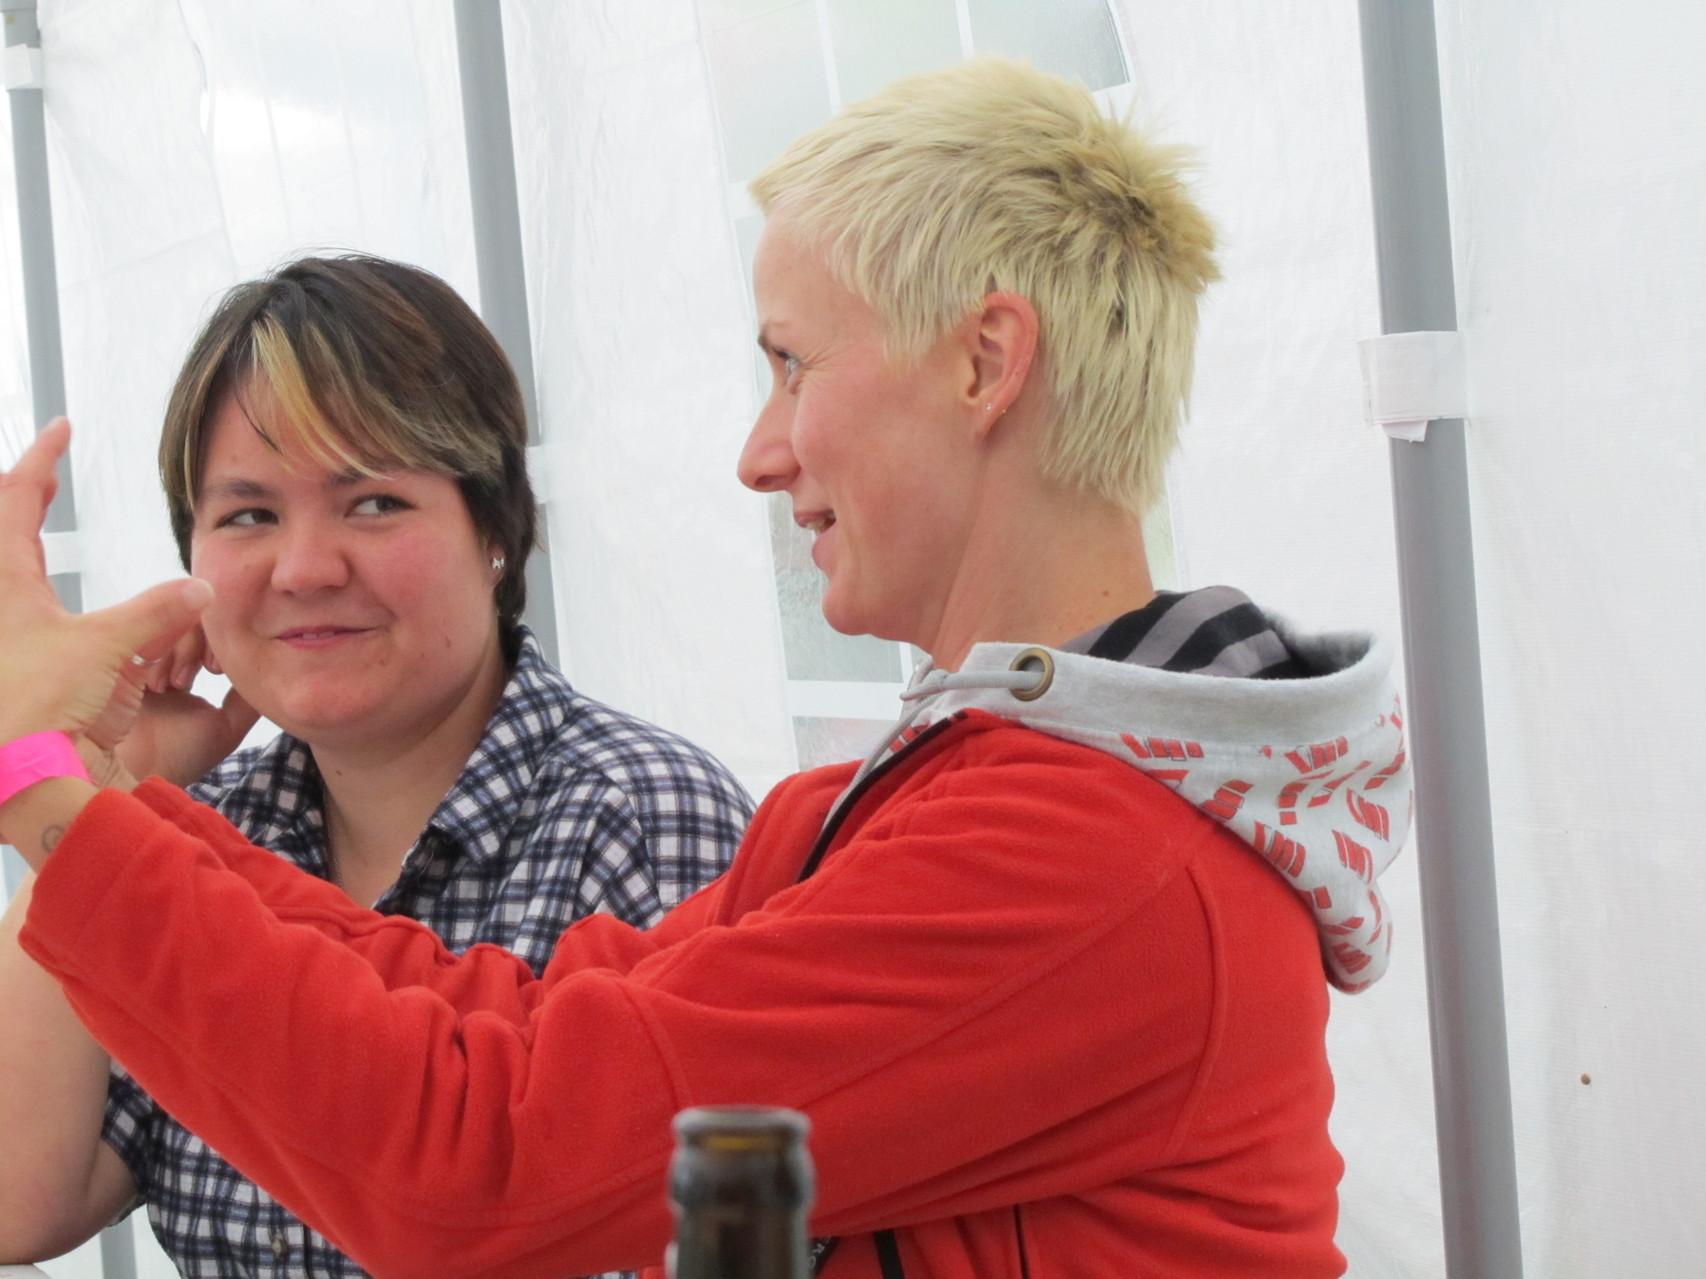 Tanja und Monika - Was erklärt da Moni wohl?